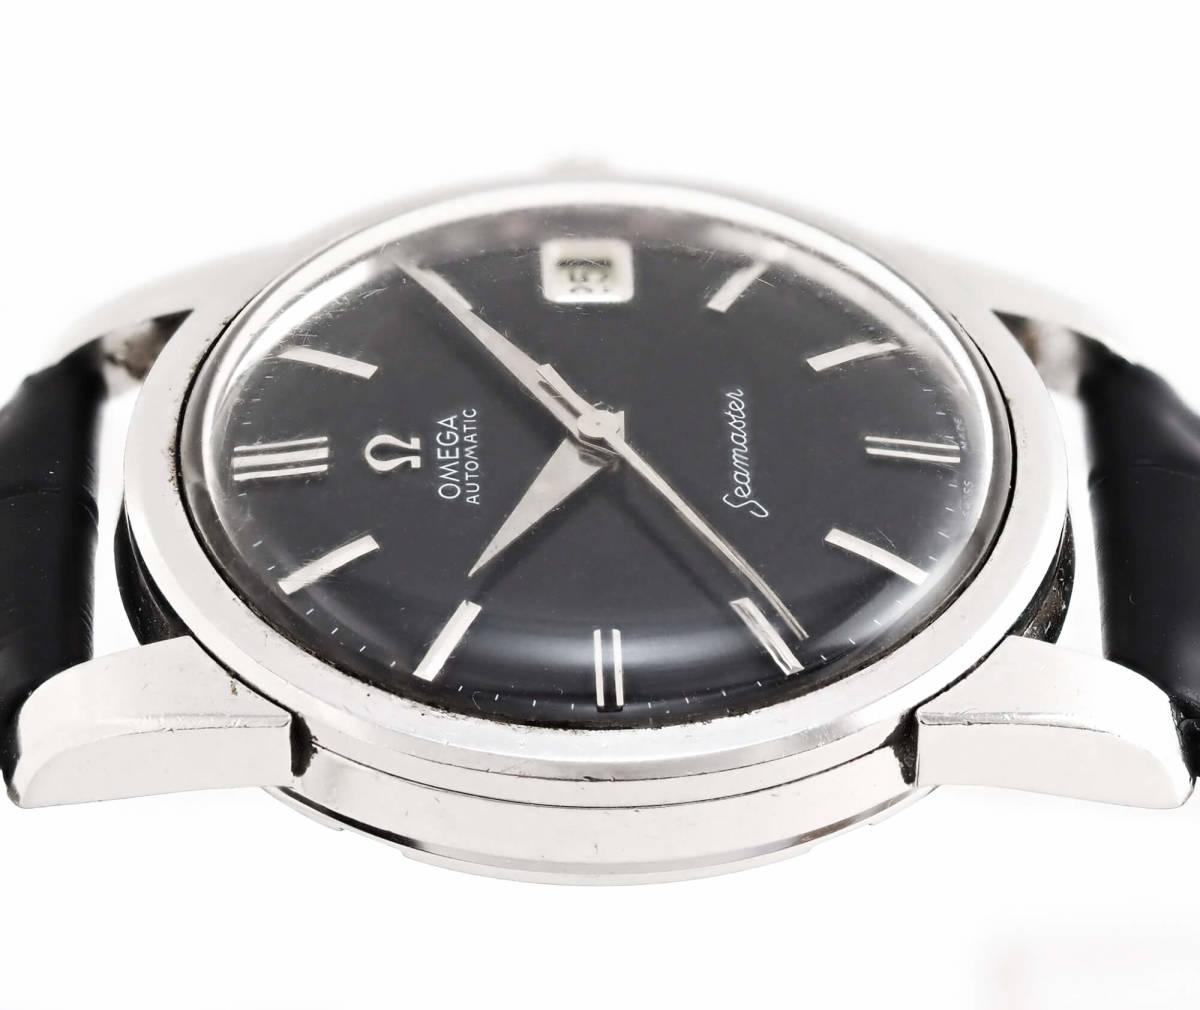 オメガ シーマスター Cal.562 自動巻き ブラック メンズ腕時計 OMEGA Seamaster AUTOMATIC 黒文字盤 オートマチック 動作確認済み_画像5